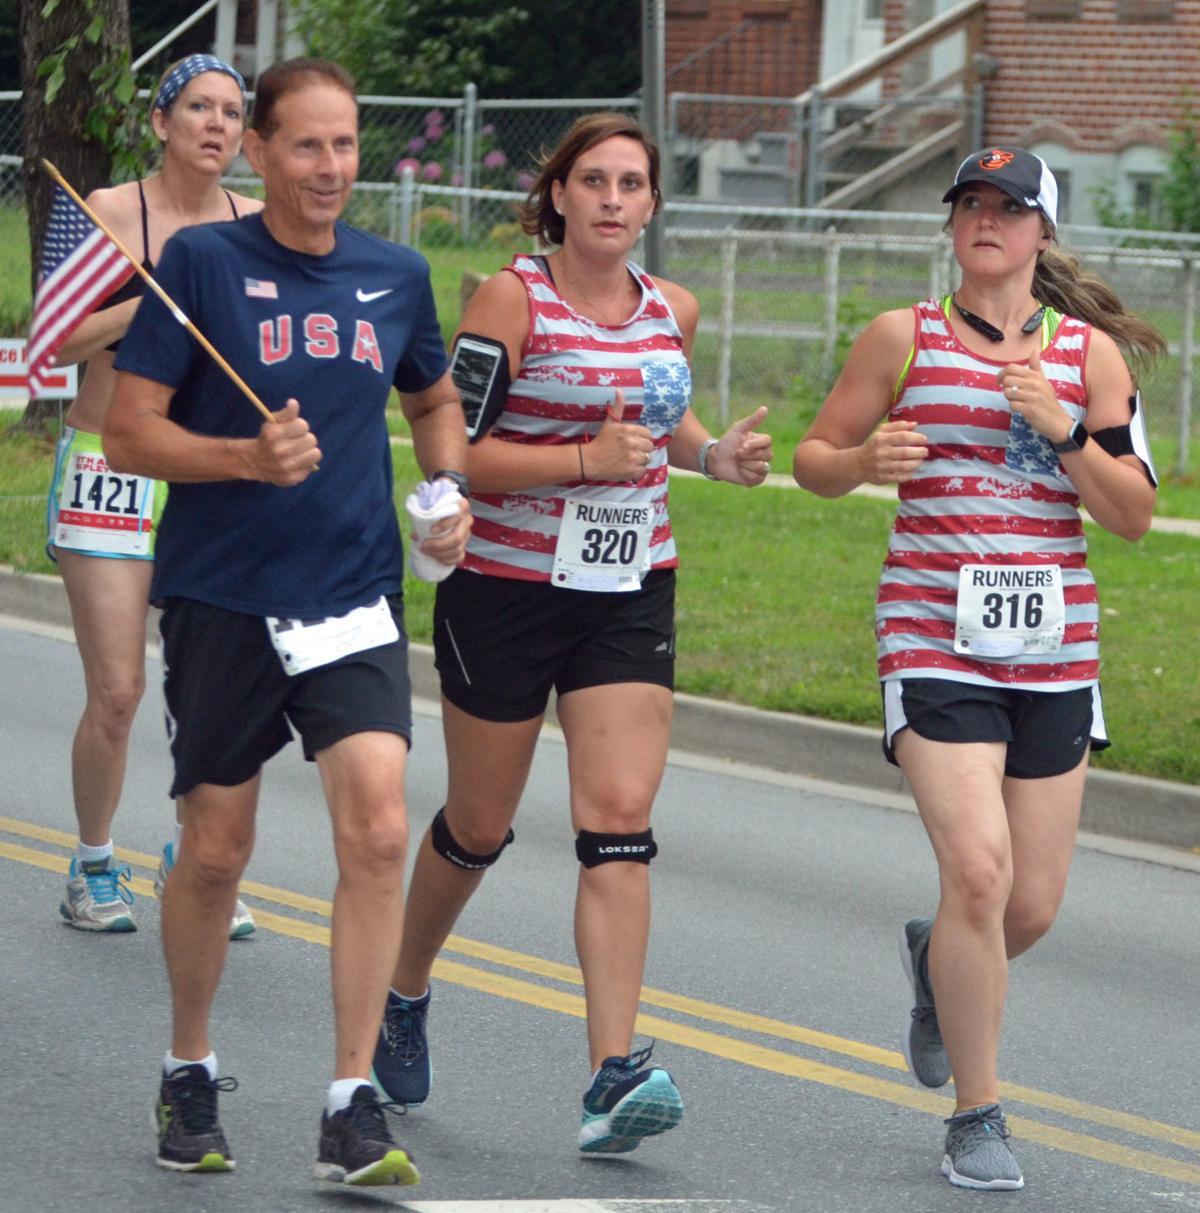 July 4 6k race